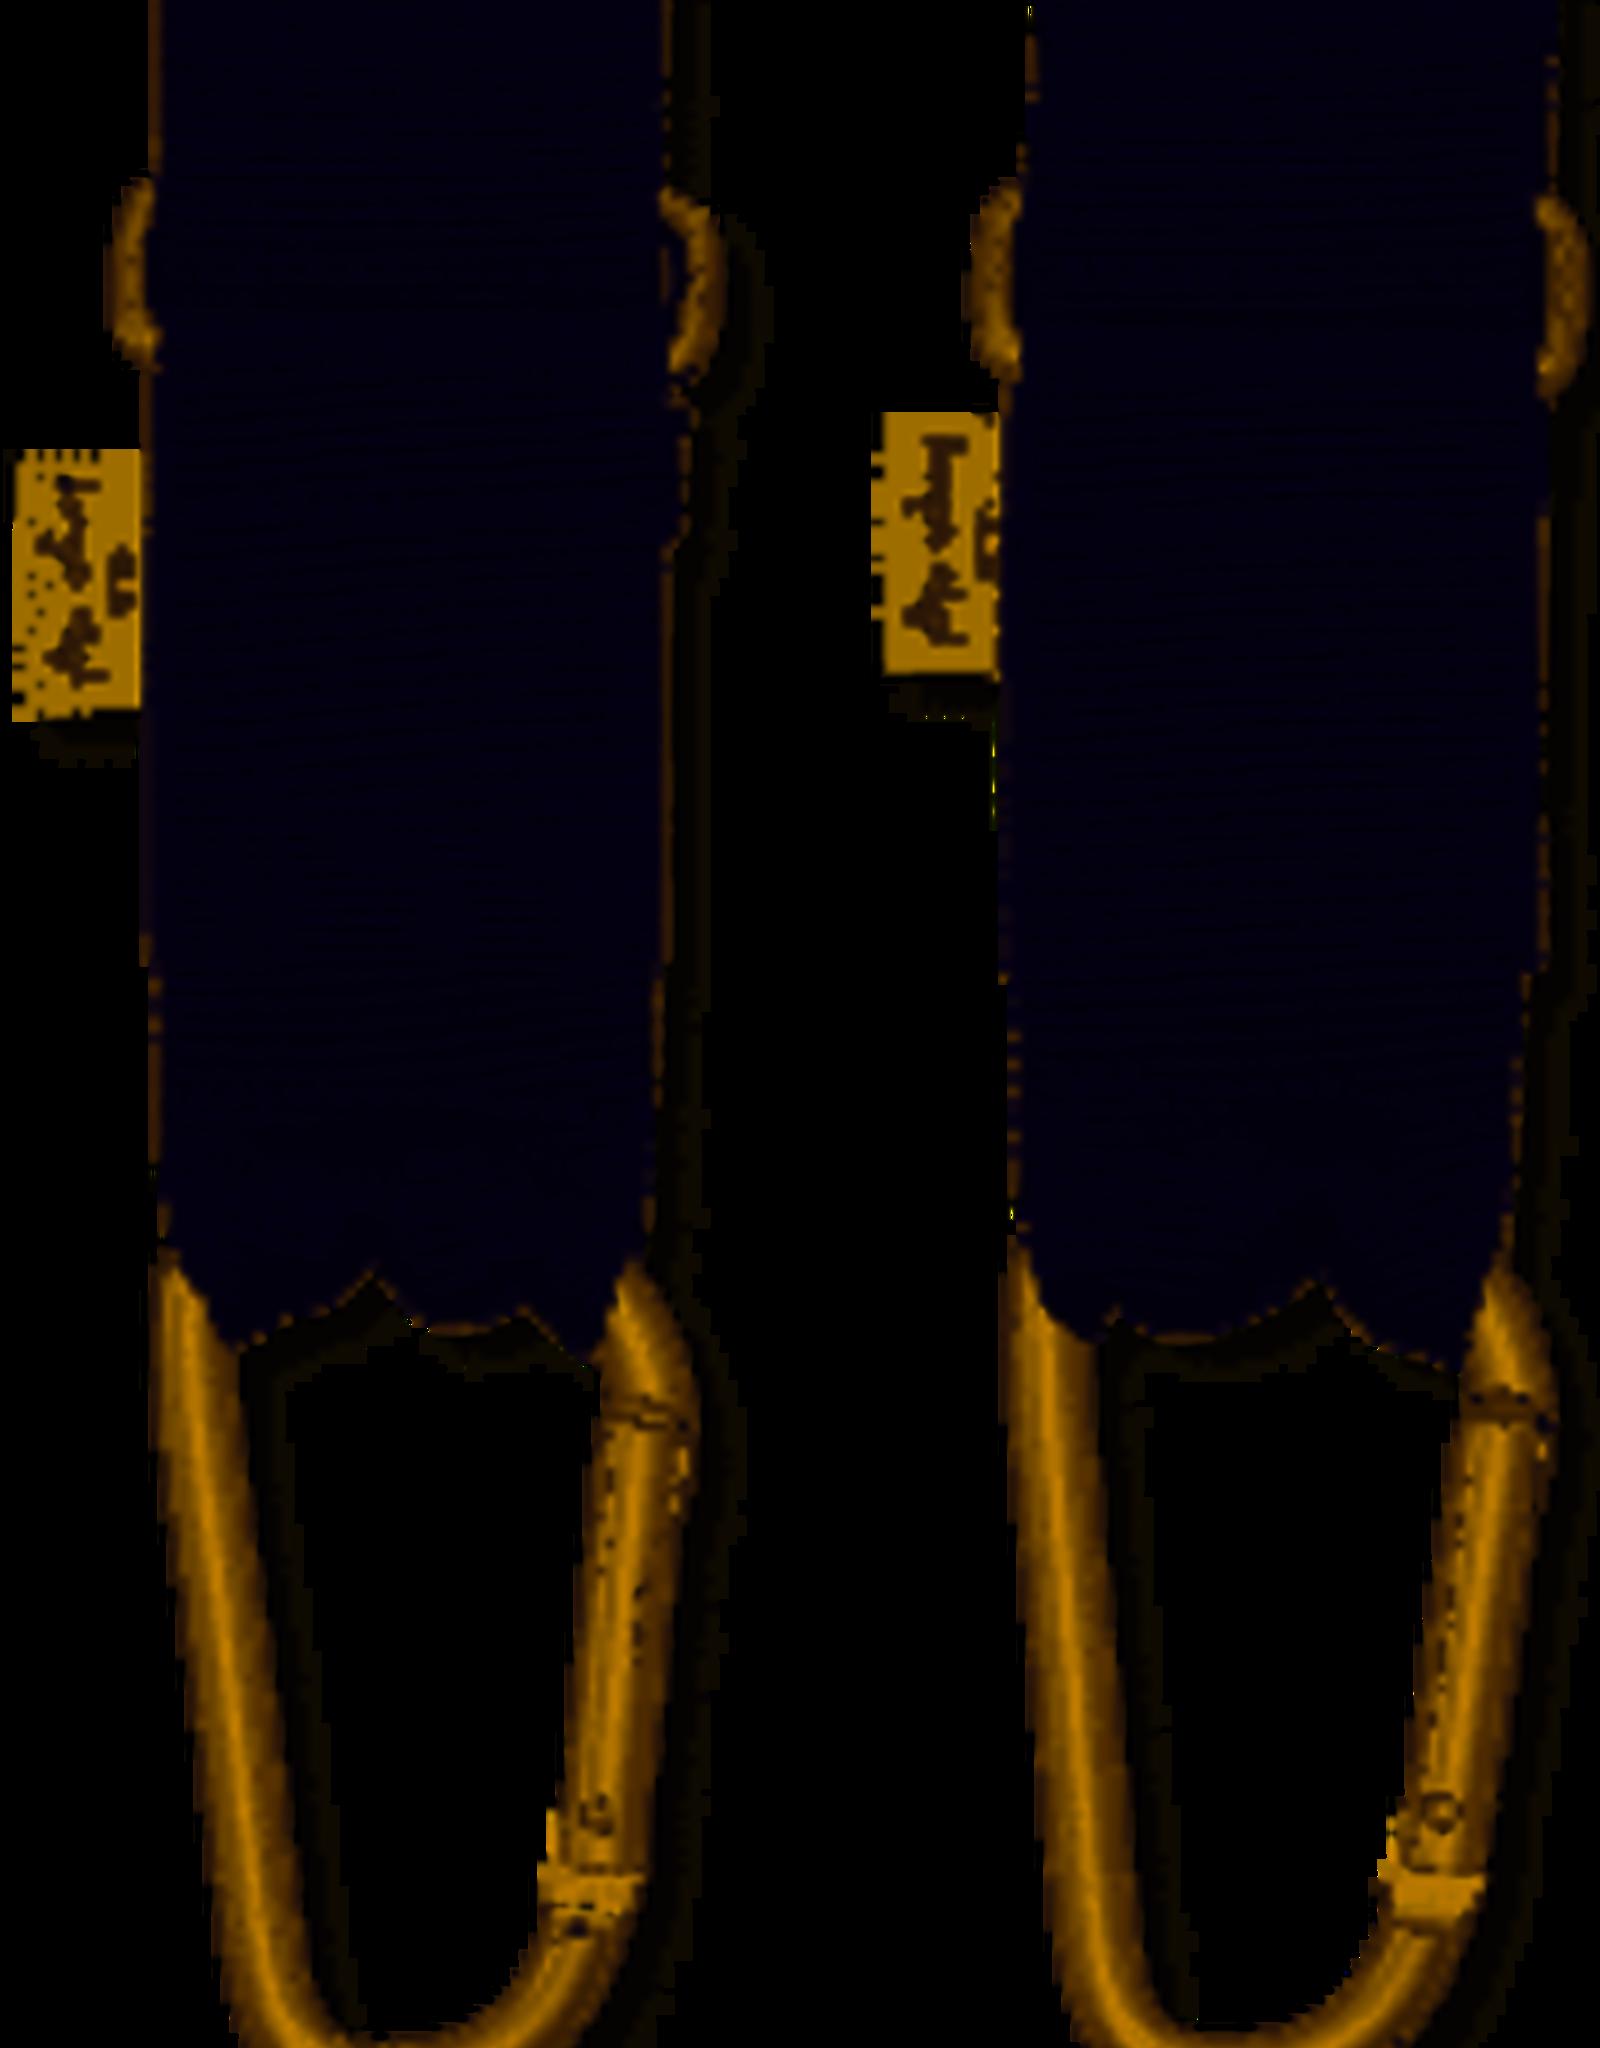 Konges sløjd Konges Slojd stroller straps navy